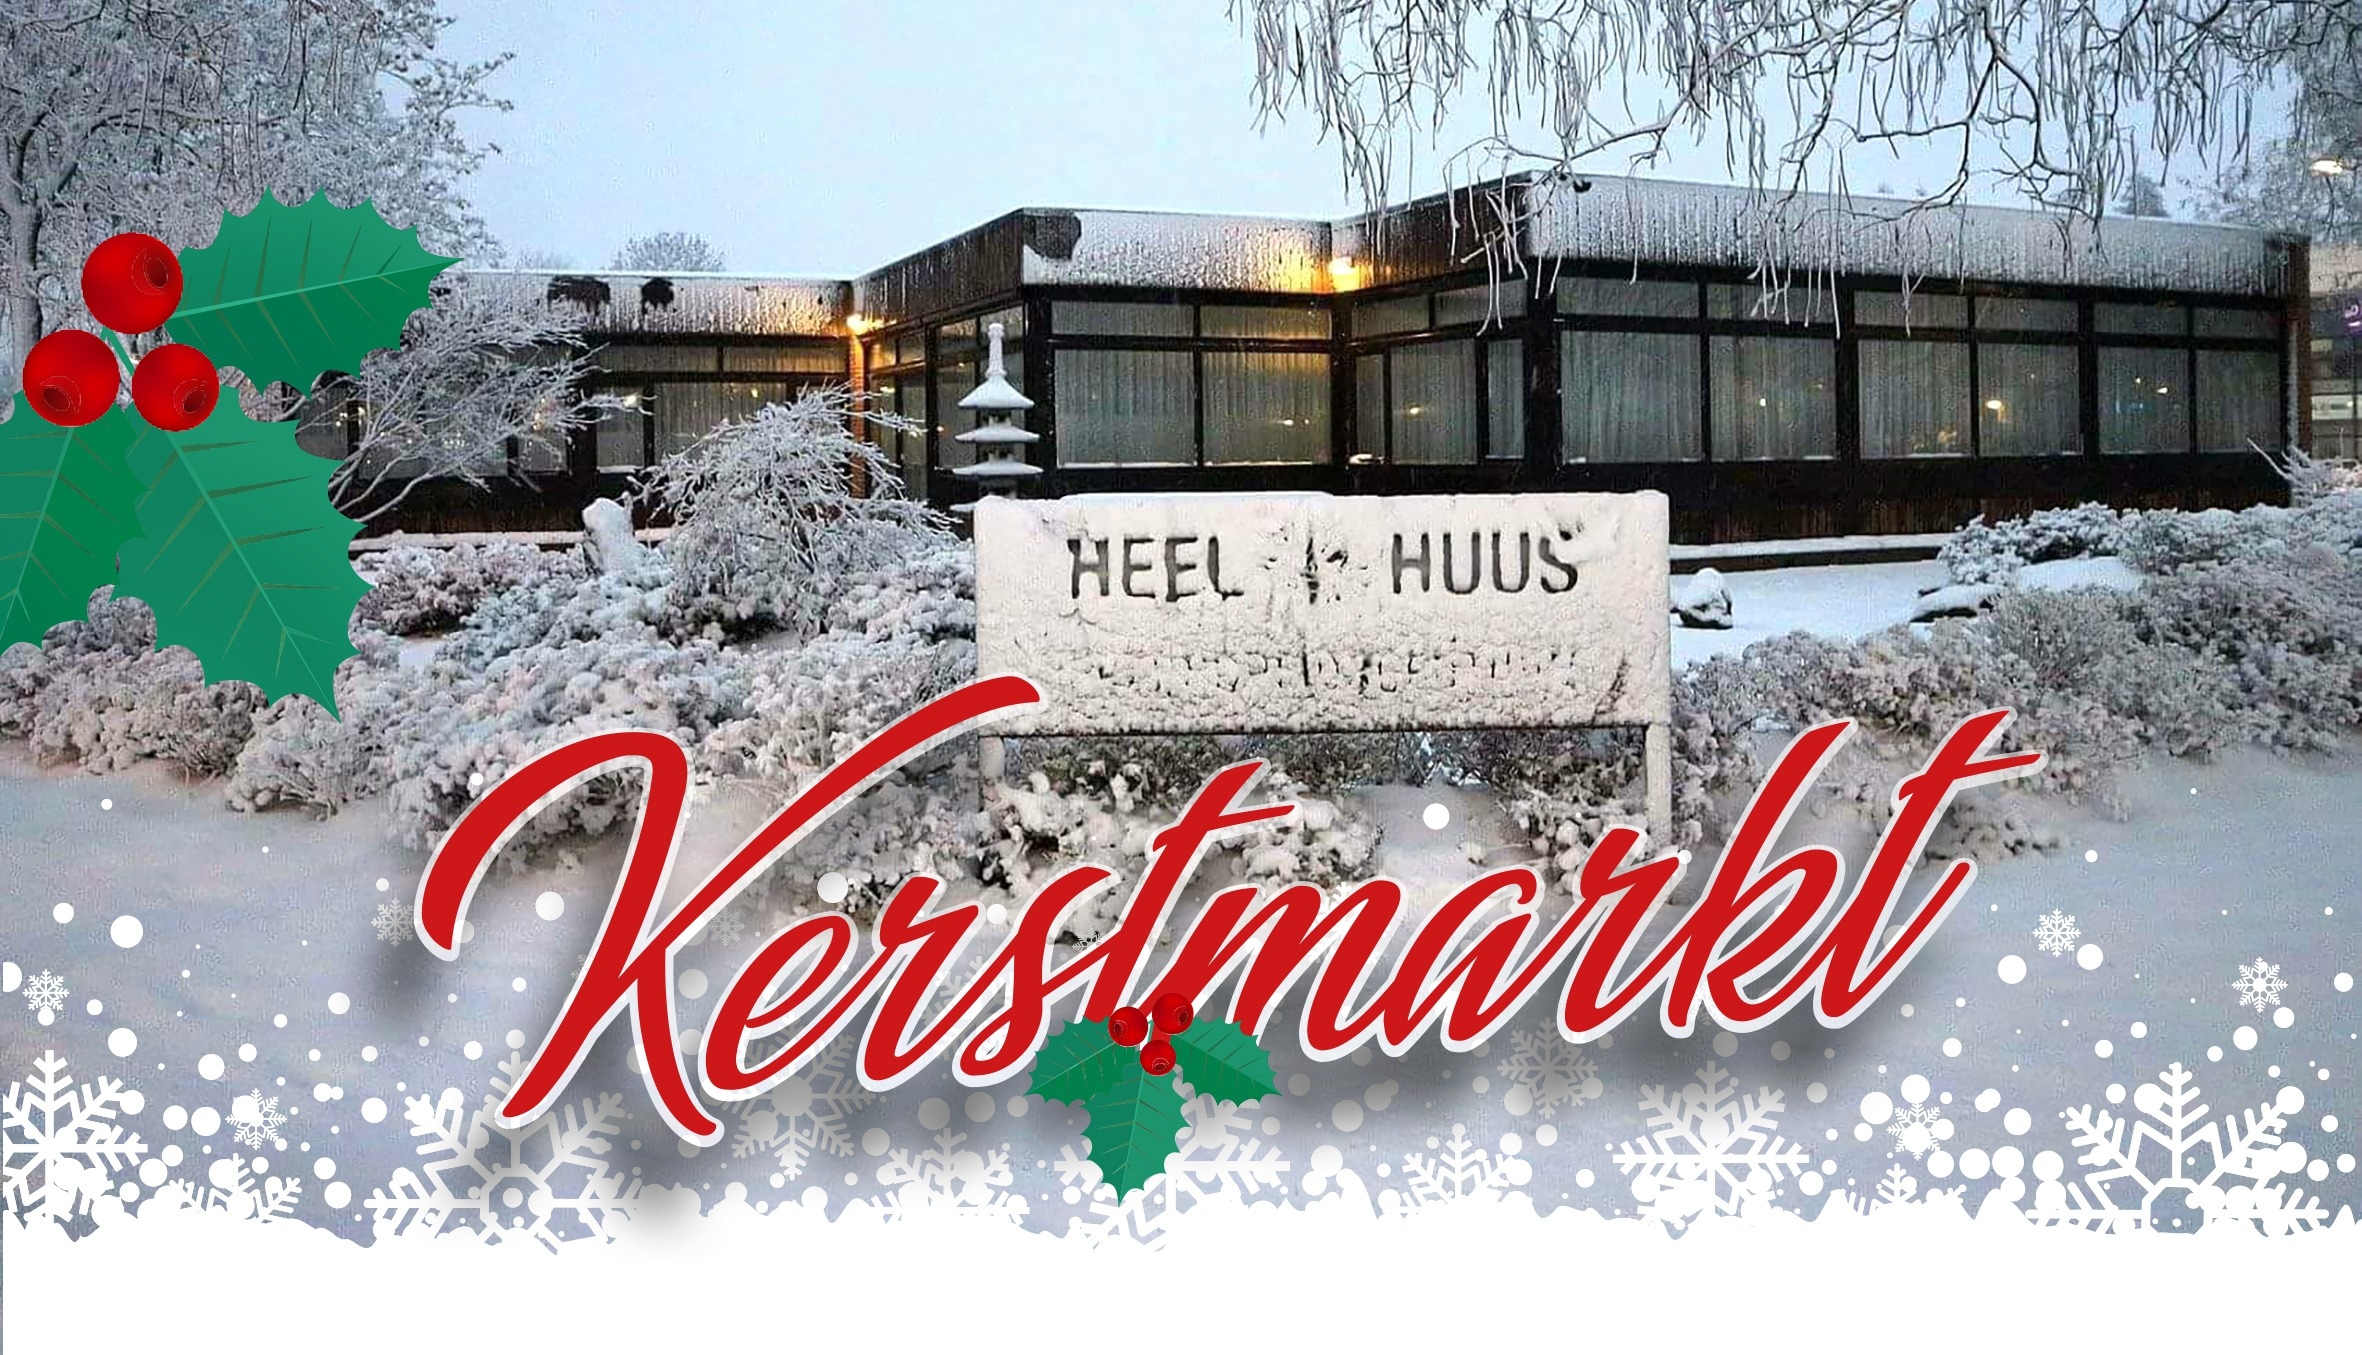 Kerstmarkt-HeelHuus-header